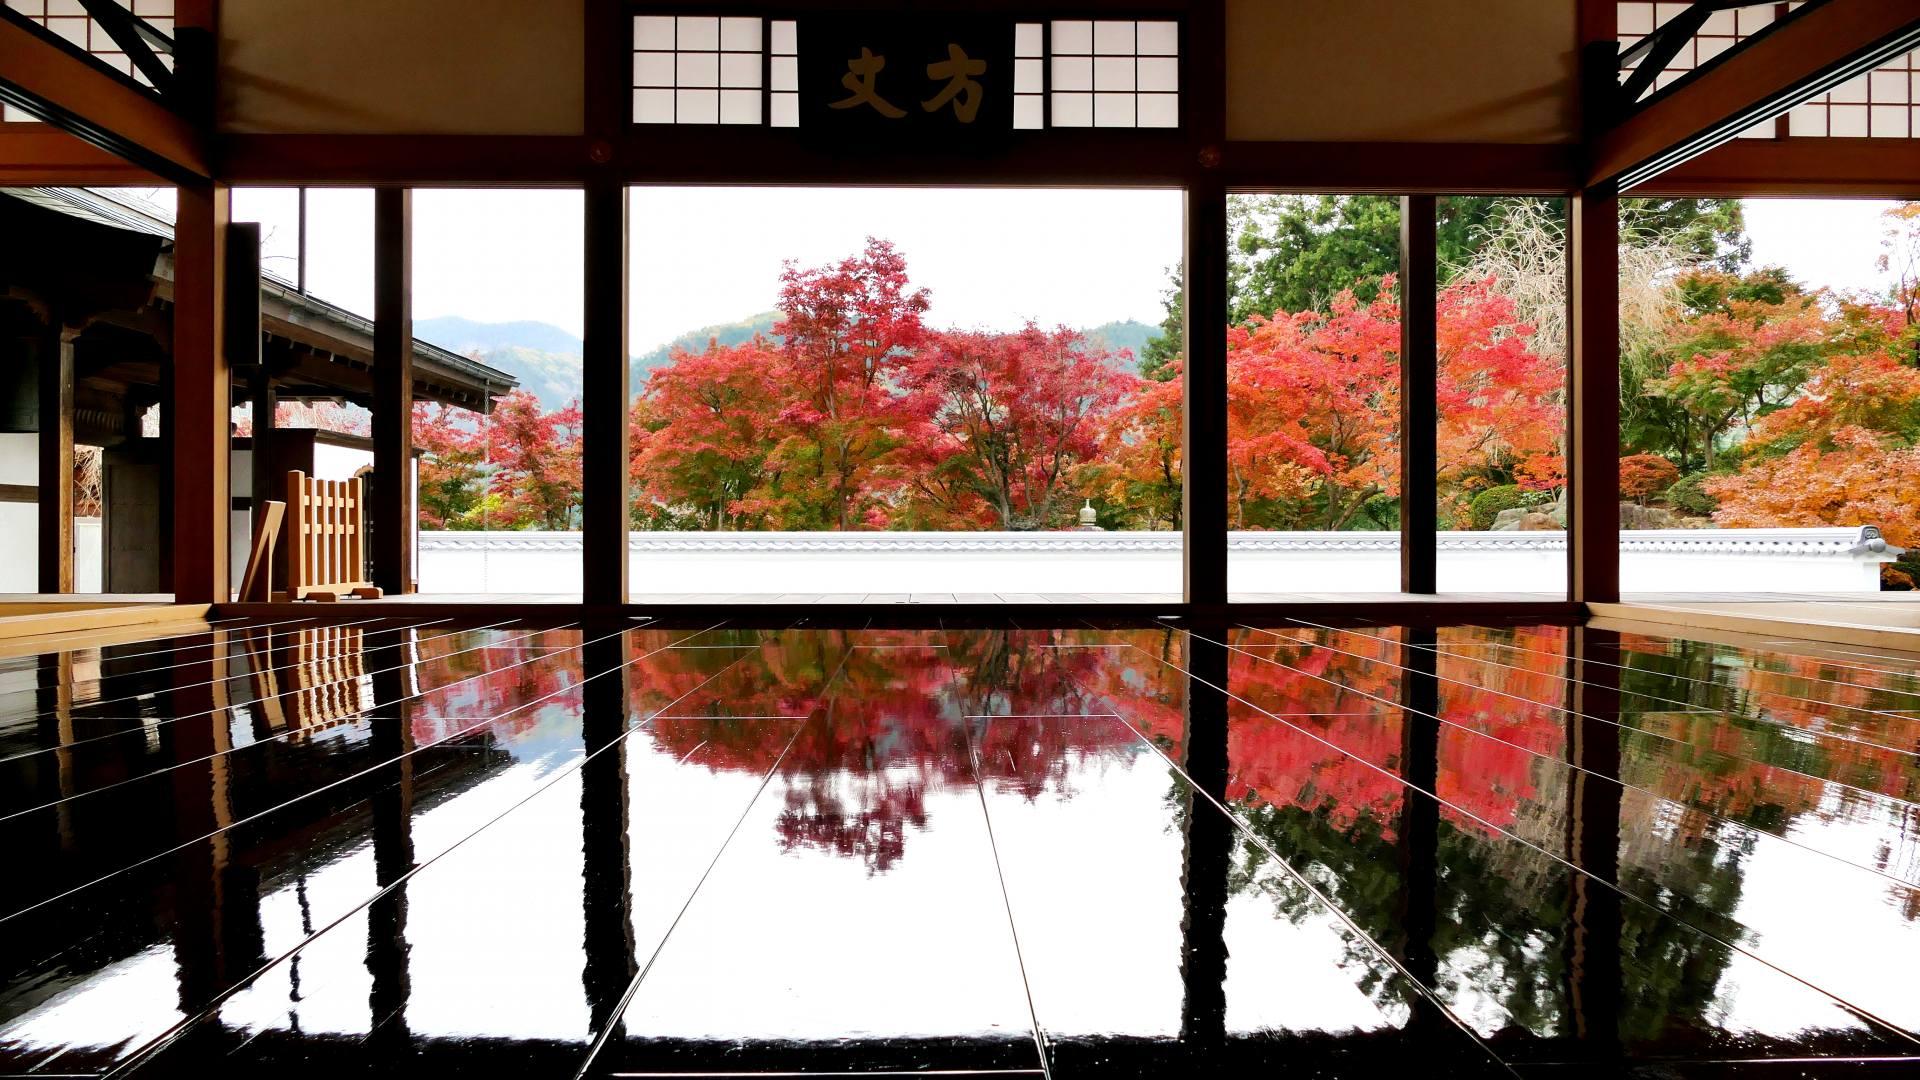 火红、金黄的枫叶倒映射在地板上的「床红叶」